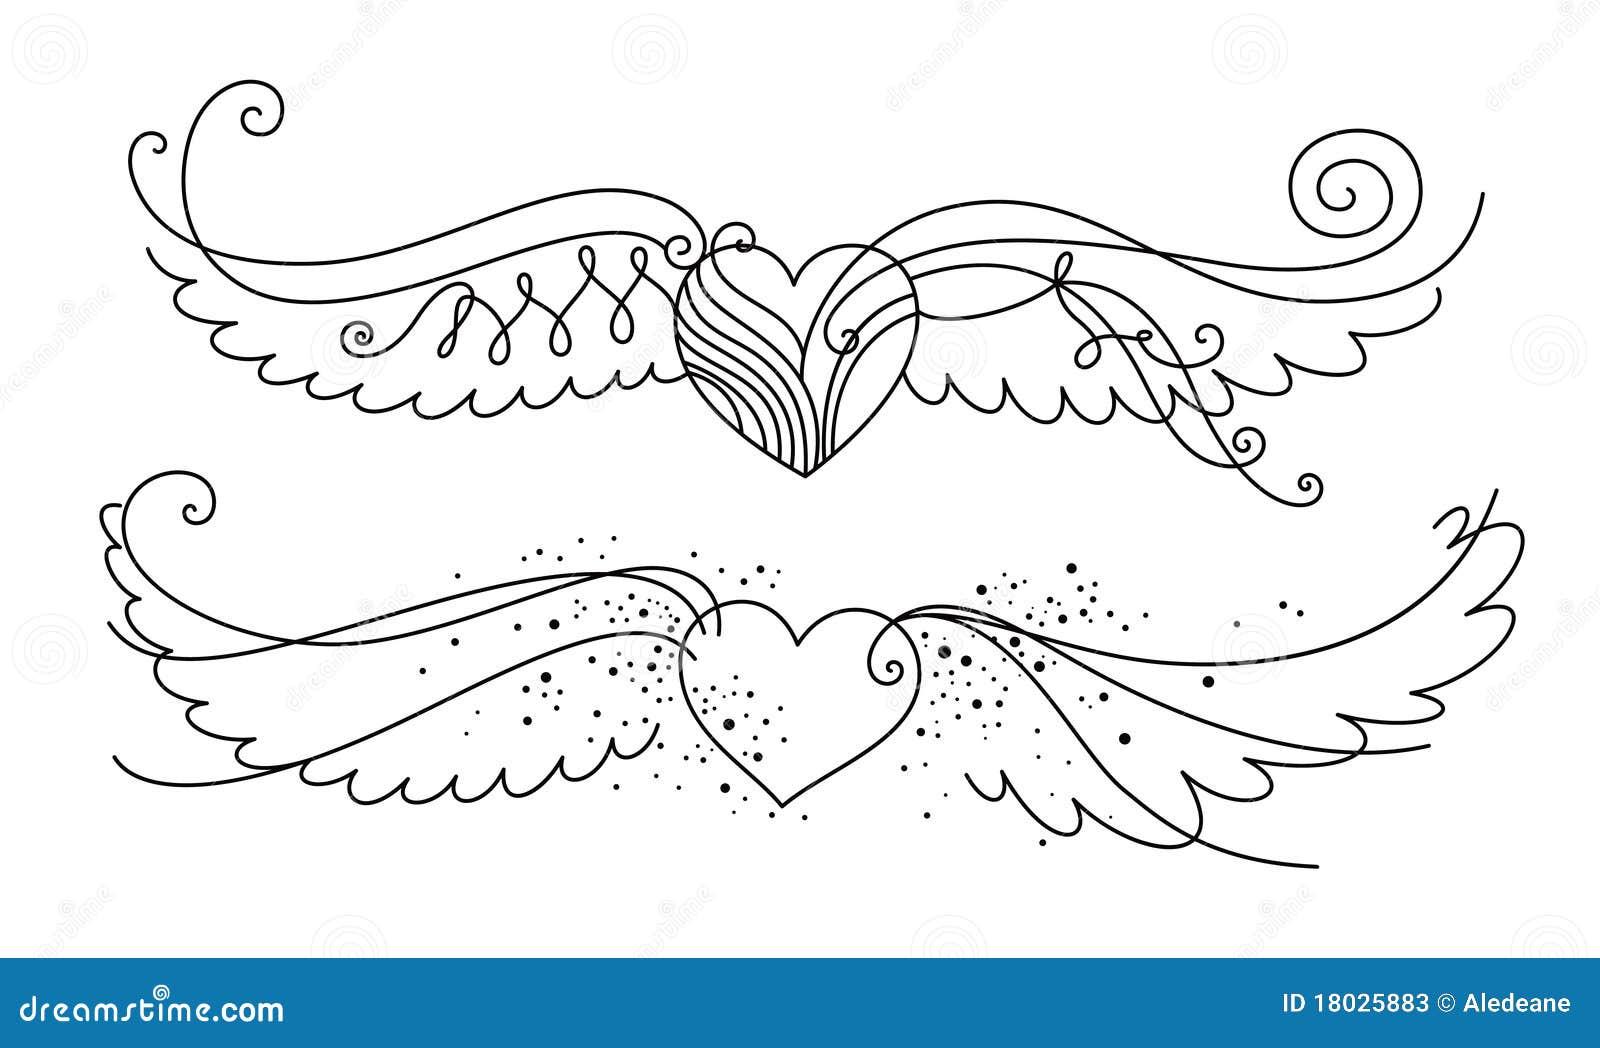 Corazon con espada y alas - Imagenes de Corazones